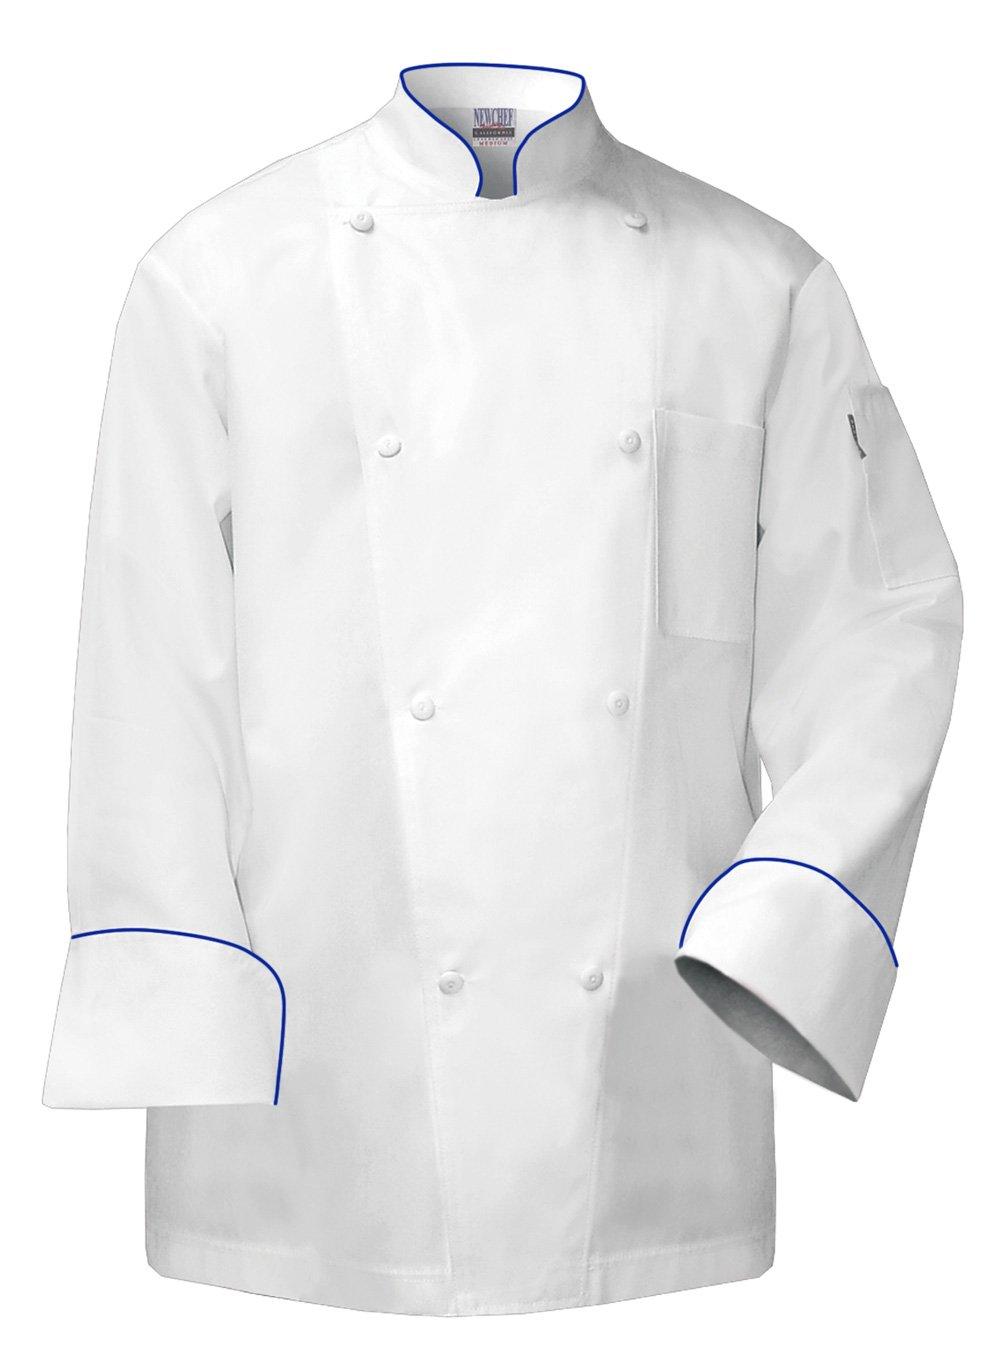 Newchef Fashion Regent Men's Chef Coat White Chef Jacket 2XL White